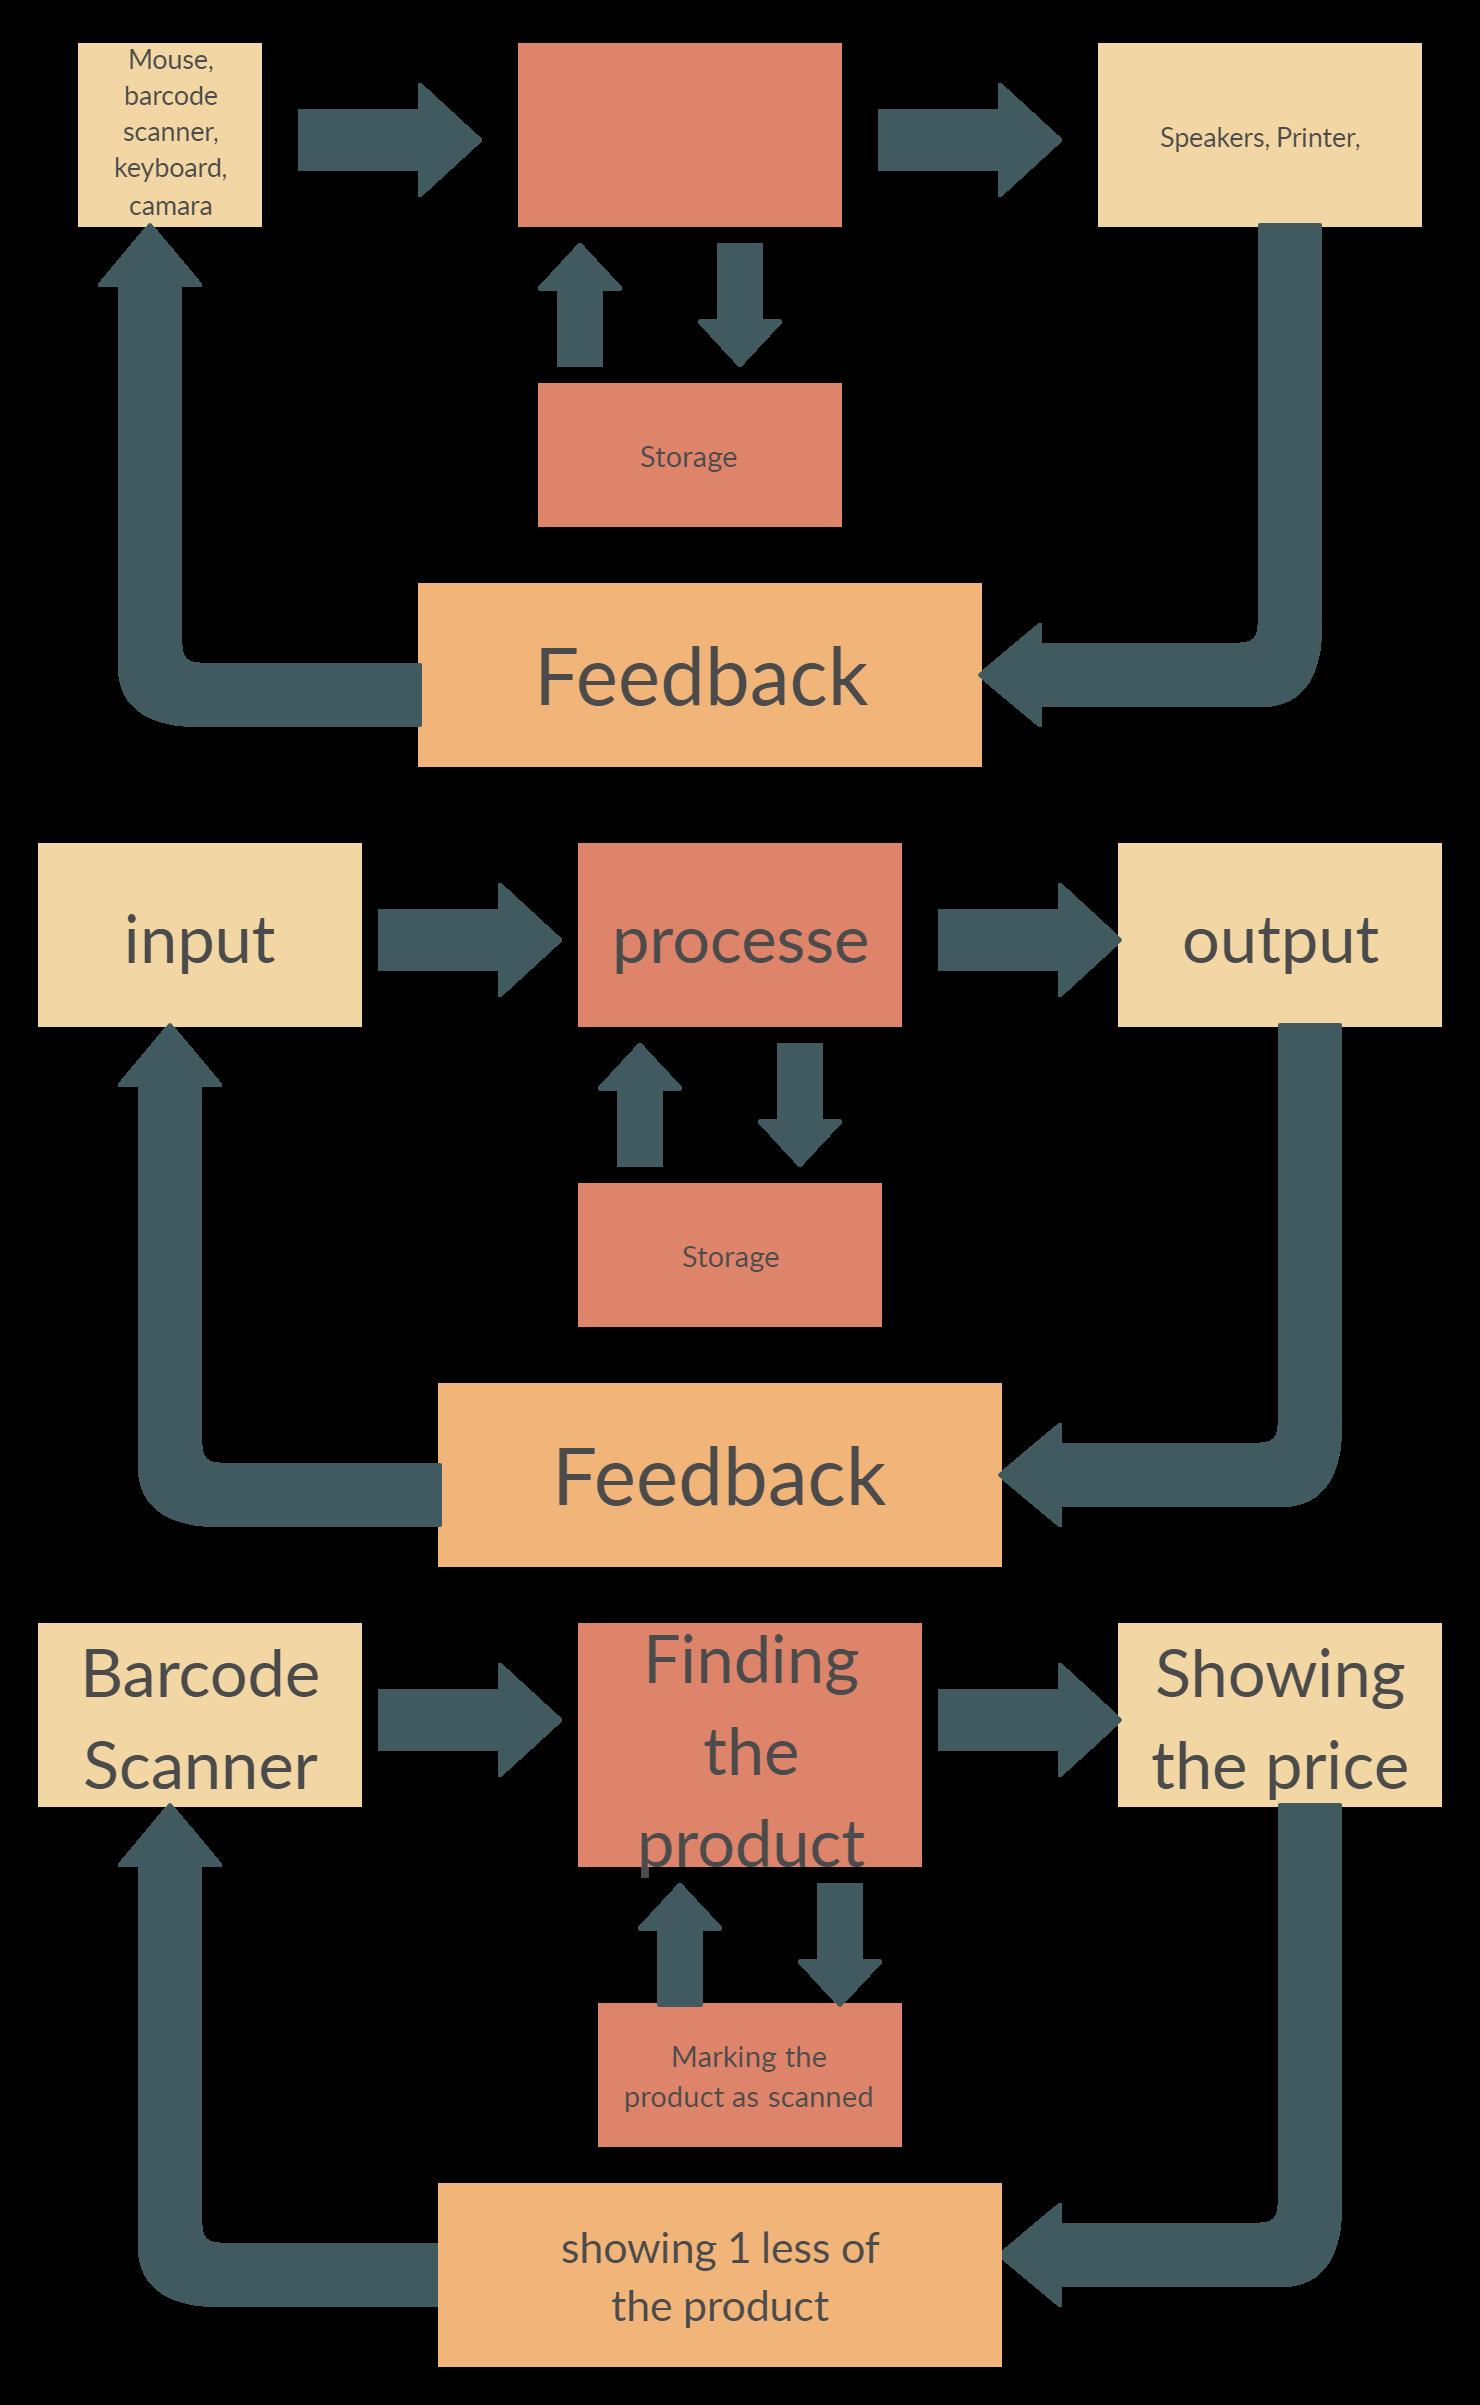 The inputprocessoutput model, or inputprocessoutput